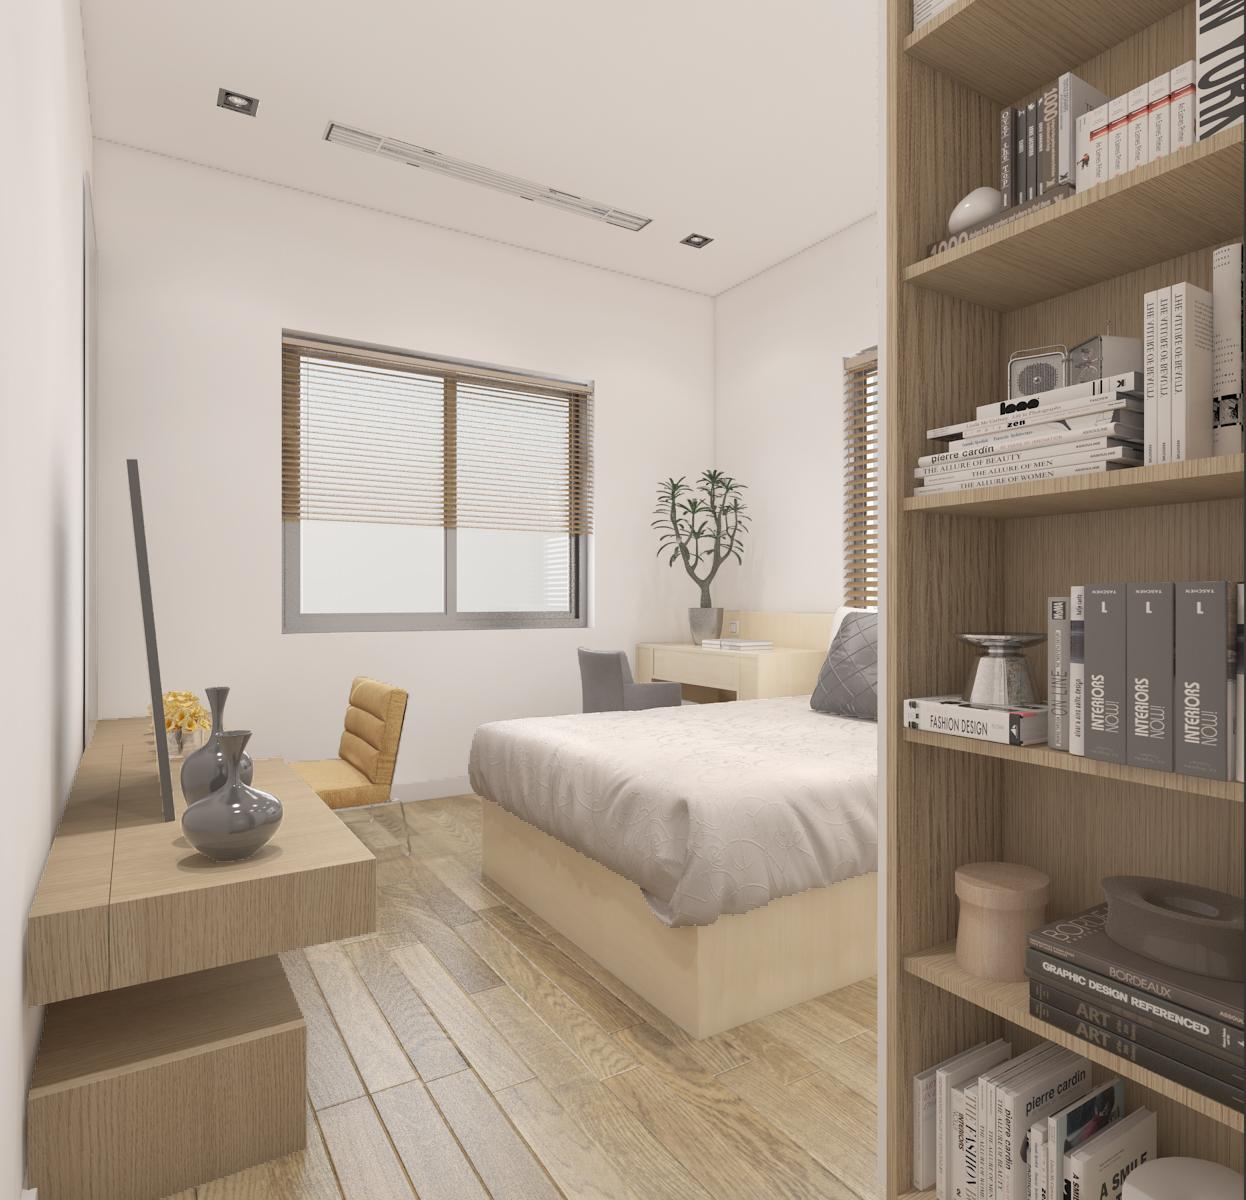 thiết kế nội thất Biệt Thự tại Hà Nội bt Vinhomes - riverside 45 1568085370